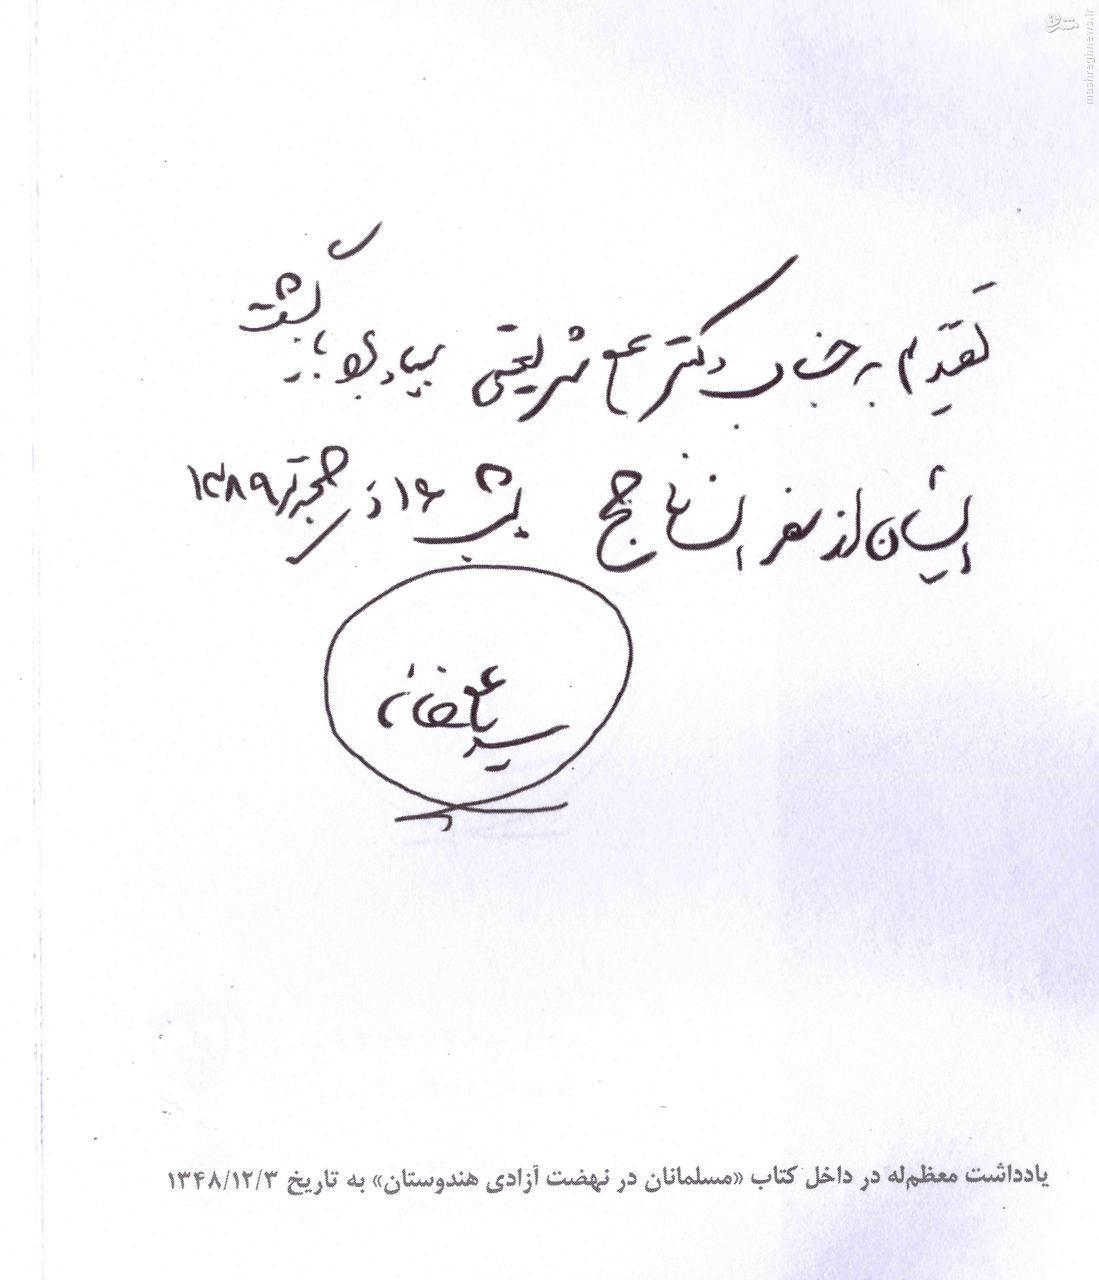 عکس/ هدیهای که آیت الله خامنهای به شریعتی داد